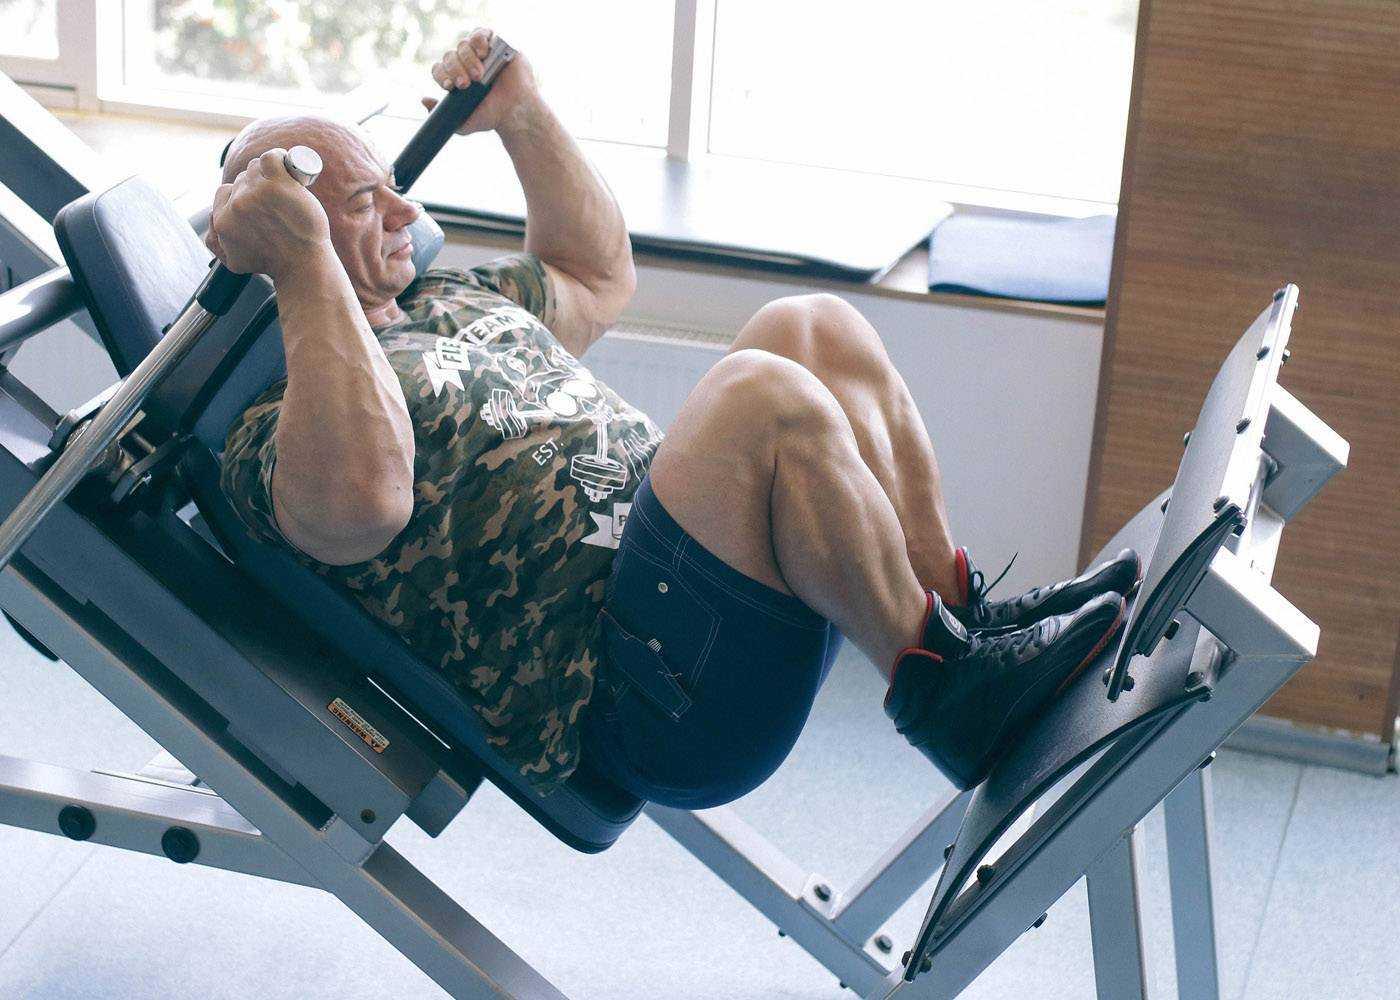 Обратные гакк приседания: видео и фото упражнения